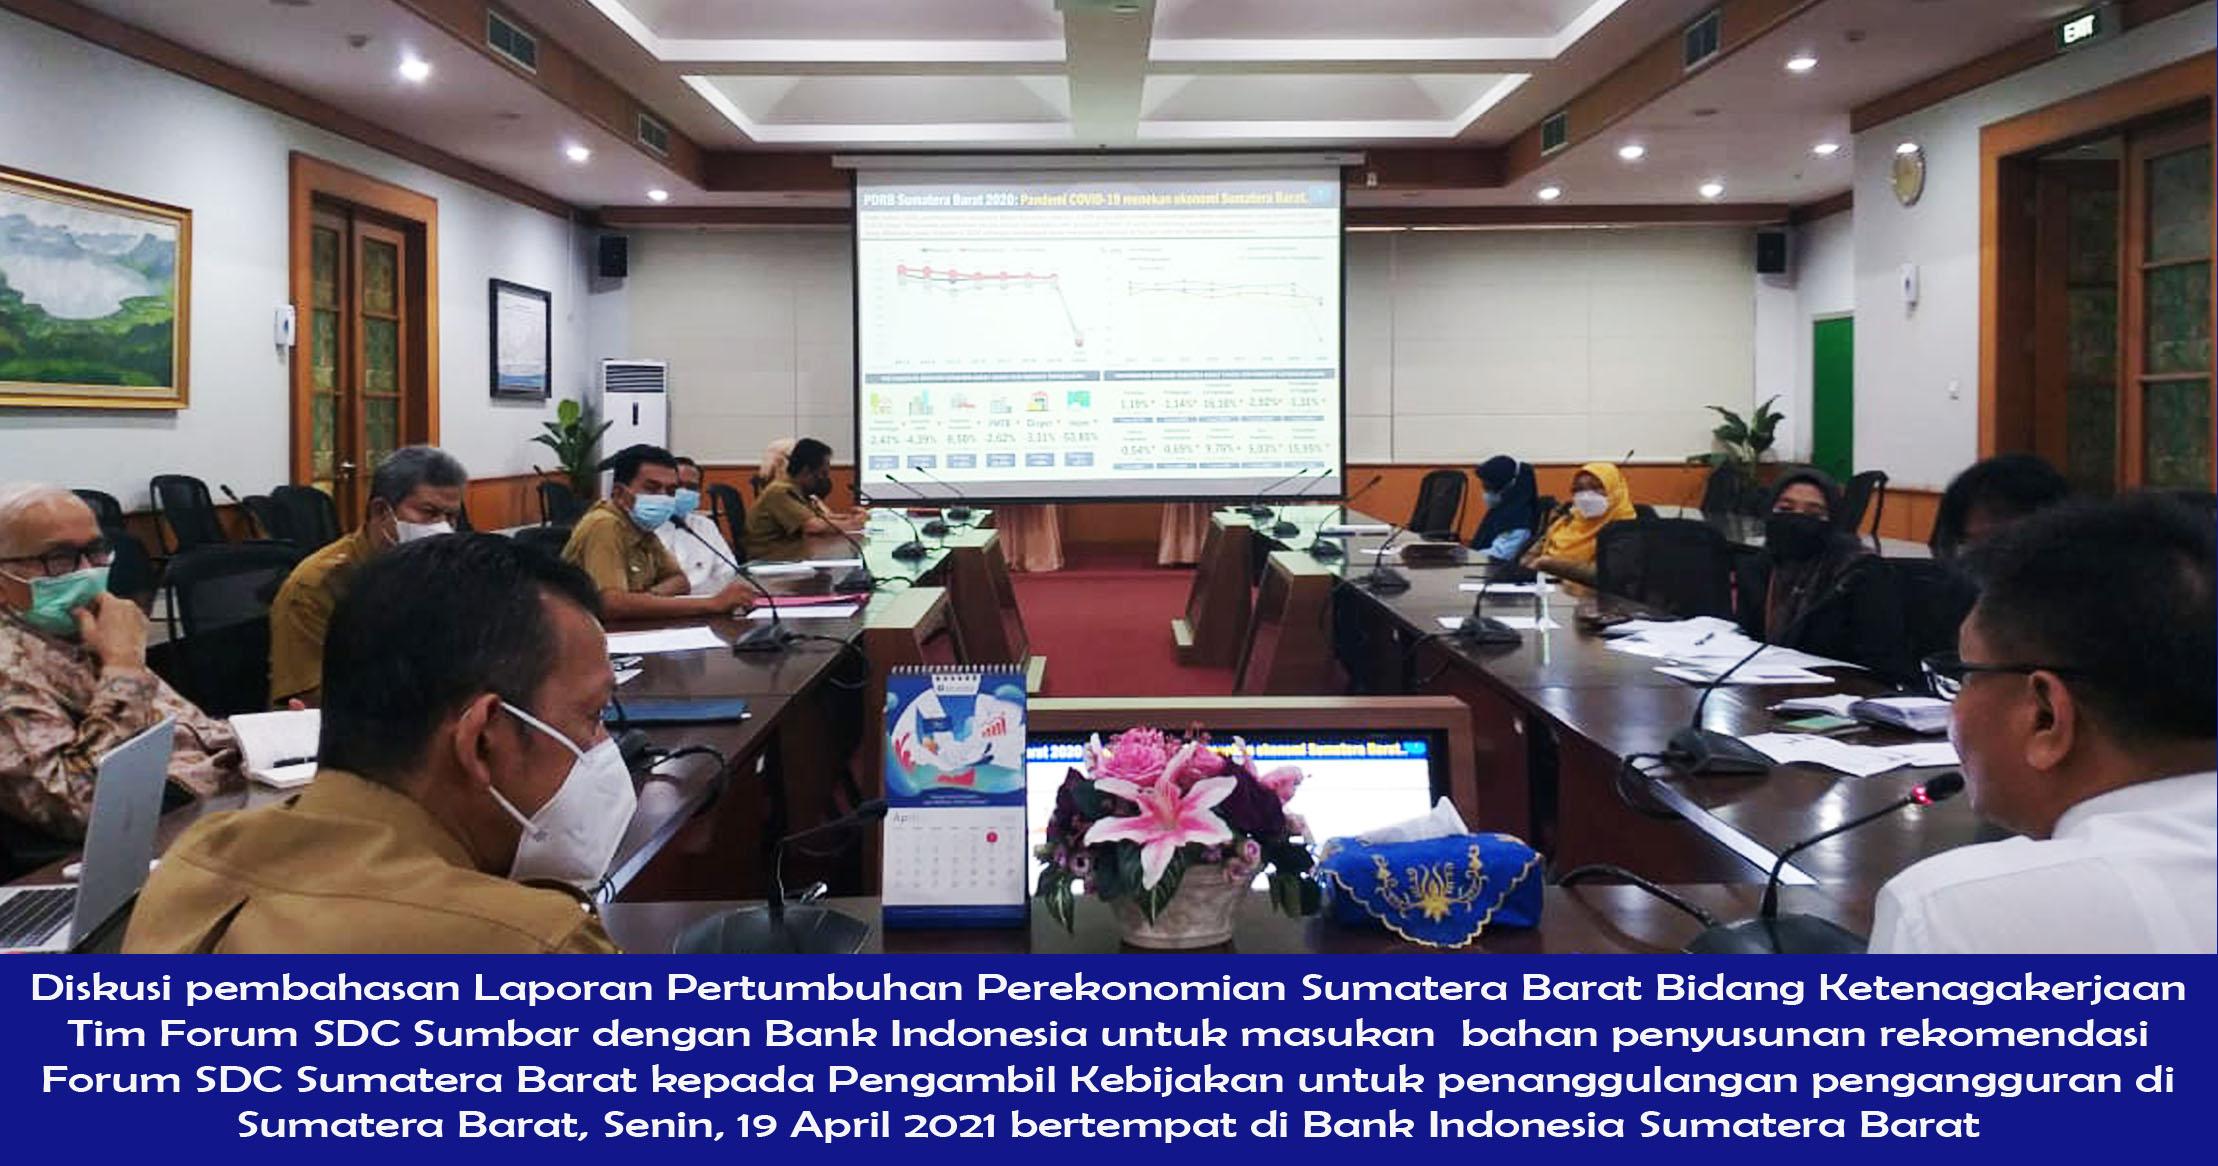 Diskusi pembahasan Laporan Pertumbuhan Perekonomian Sumatera Barat Bidang Ketenagakerjaan